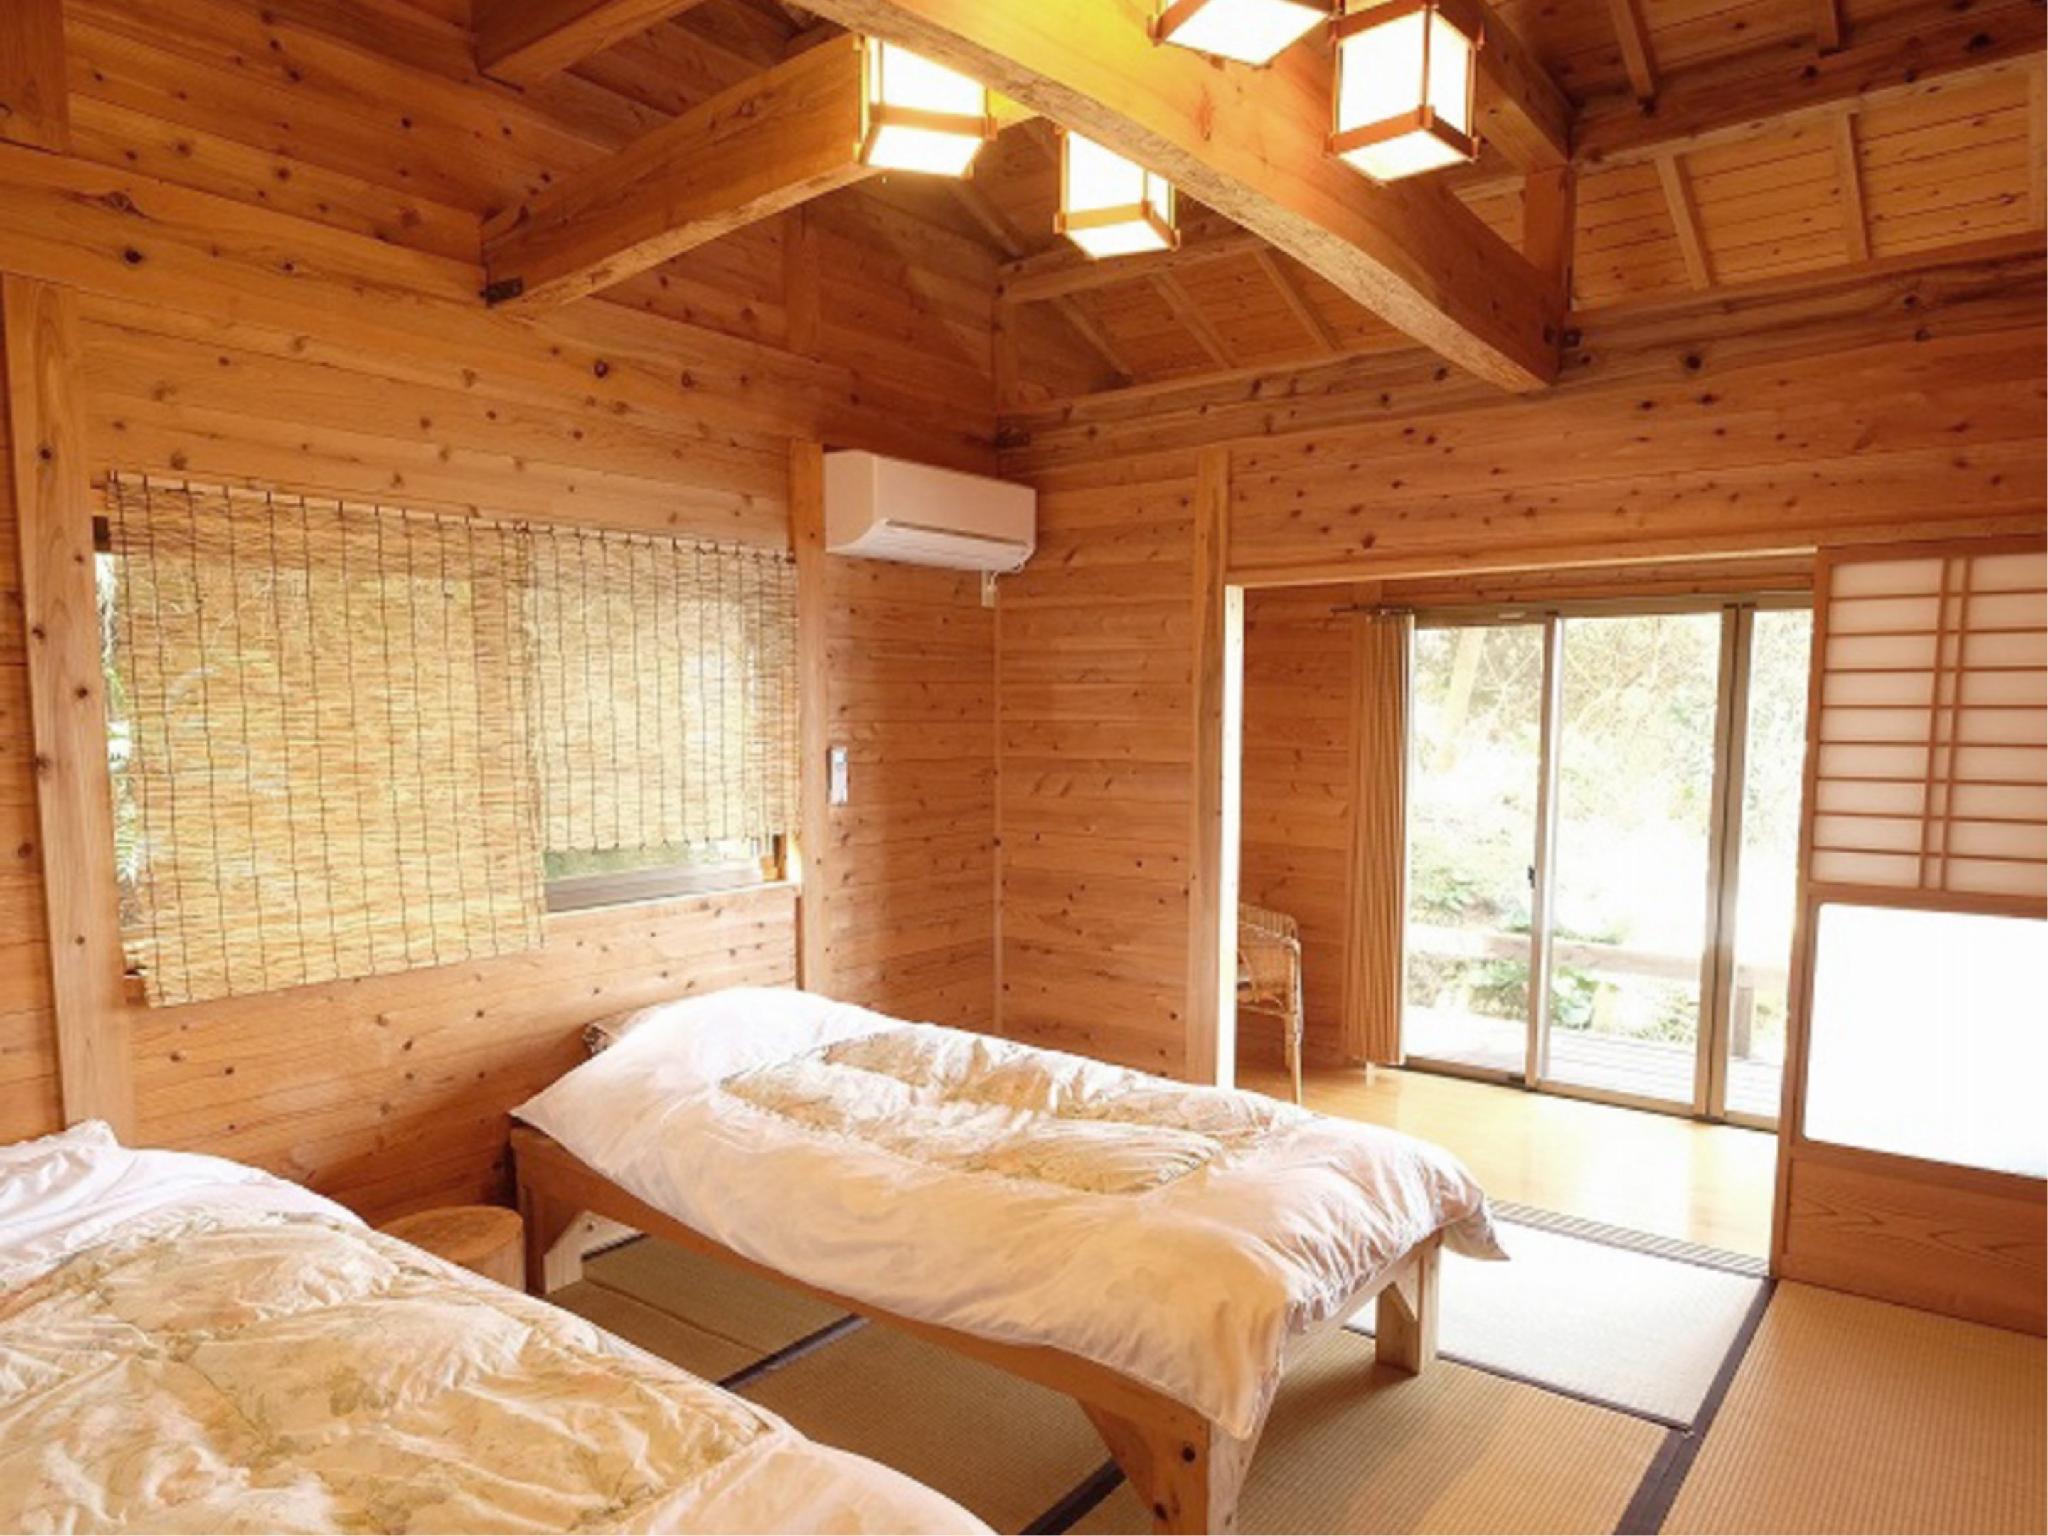 YAKUNOKO HOUSE